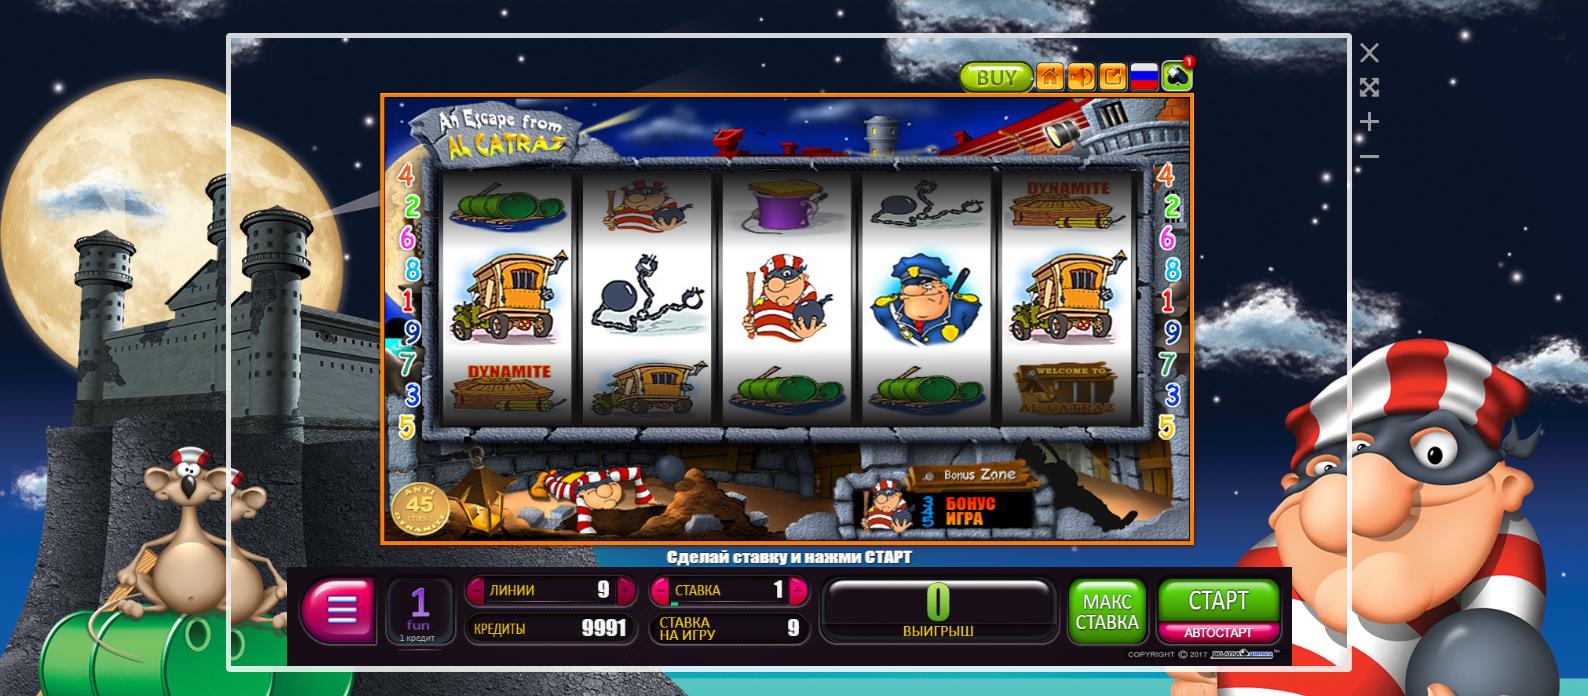 Море положительных эмоций всегда рядом с казино Вулкан